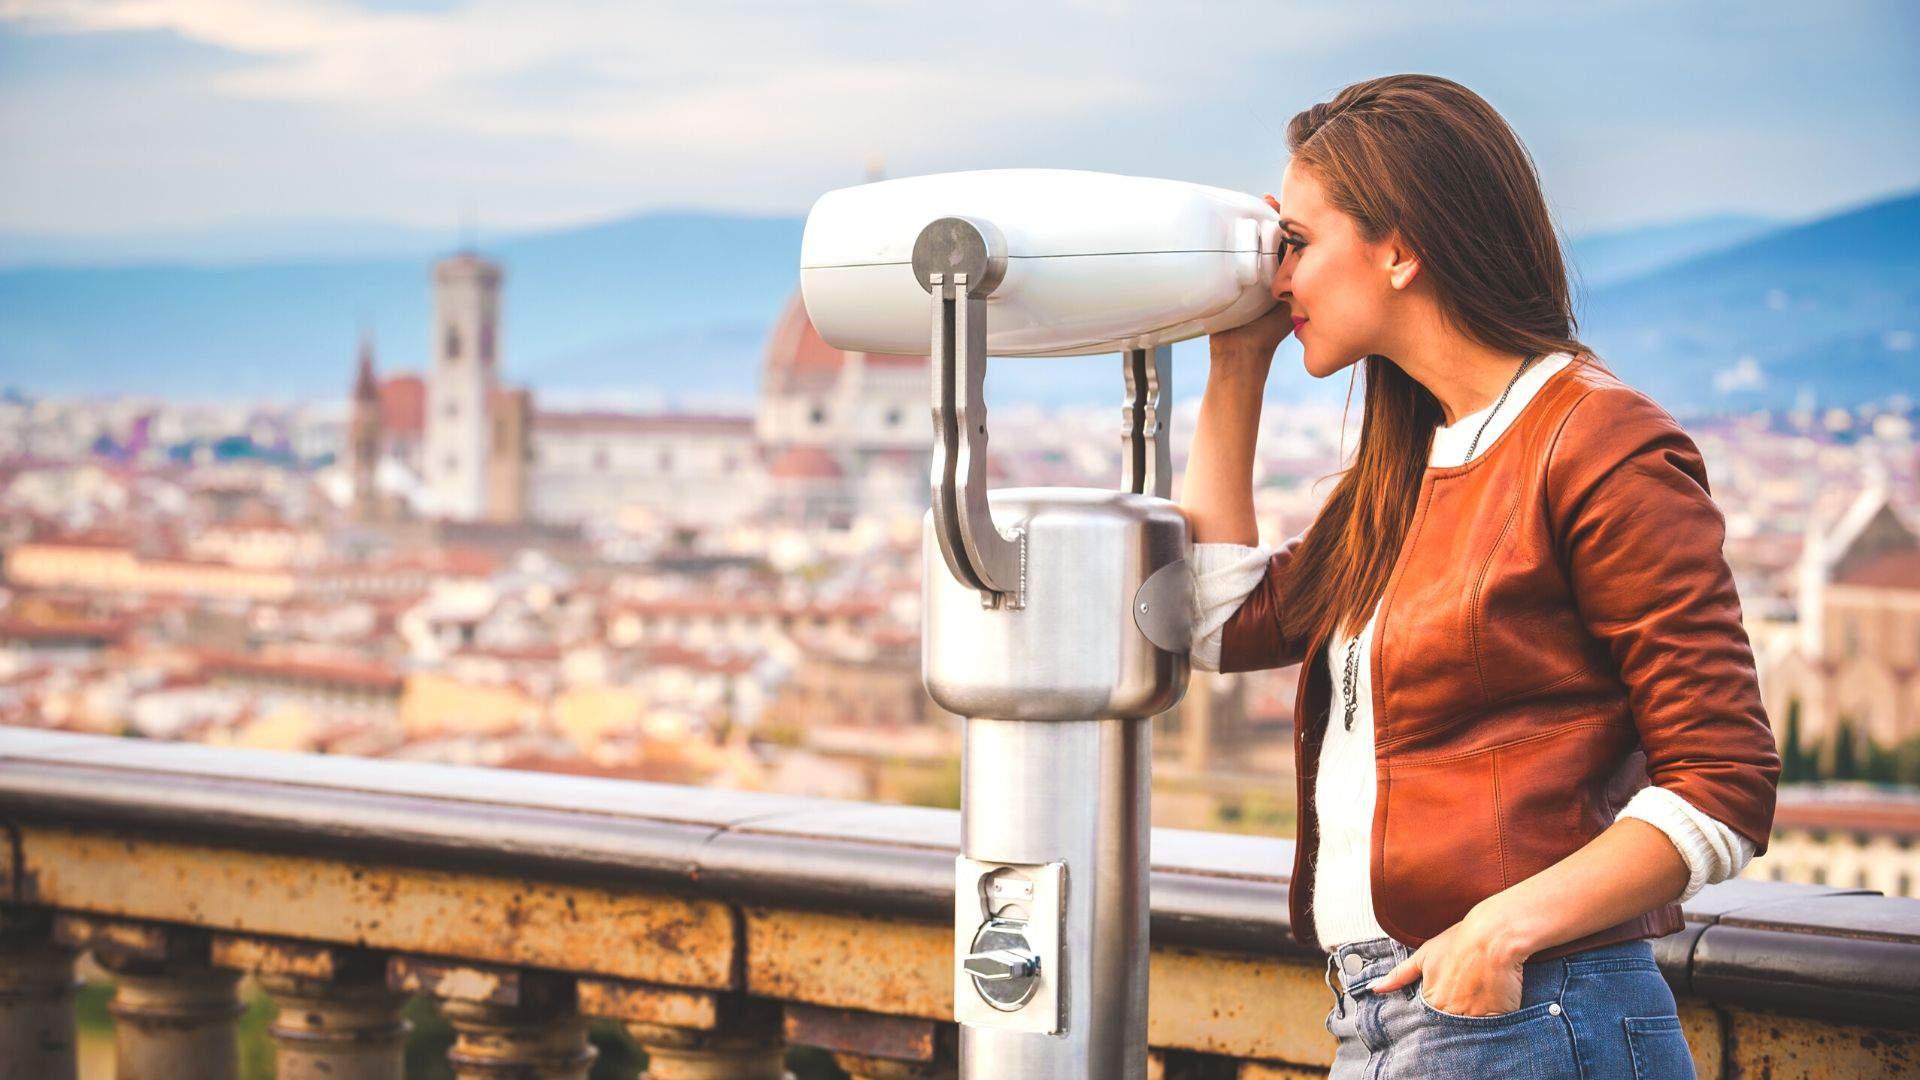 Trumpa kelionė į Italiją – pažinčiai su nuostabiomis vietovėmis